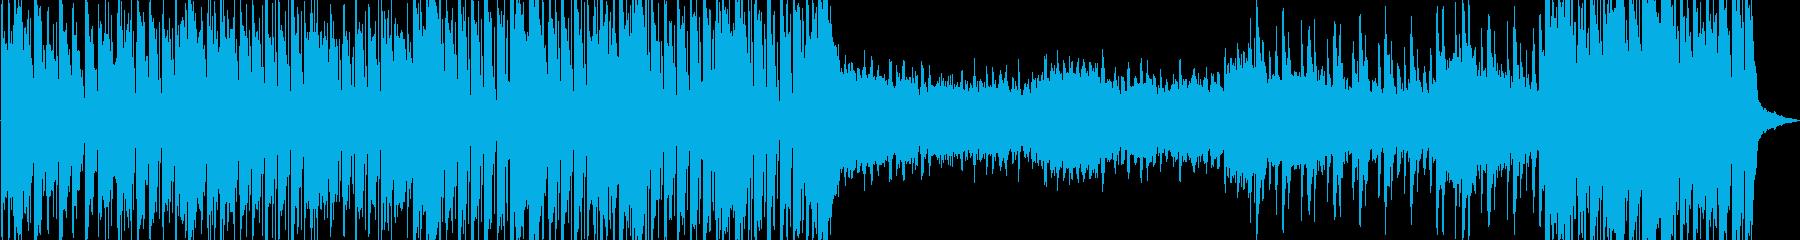 ファンキーでスタイリッシュなサウンドの再生済みの波形